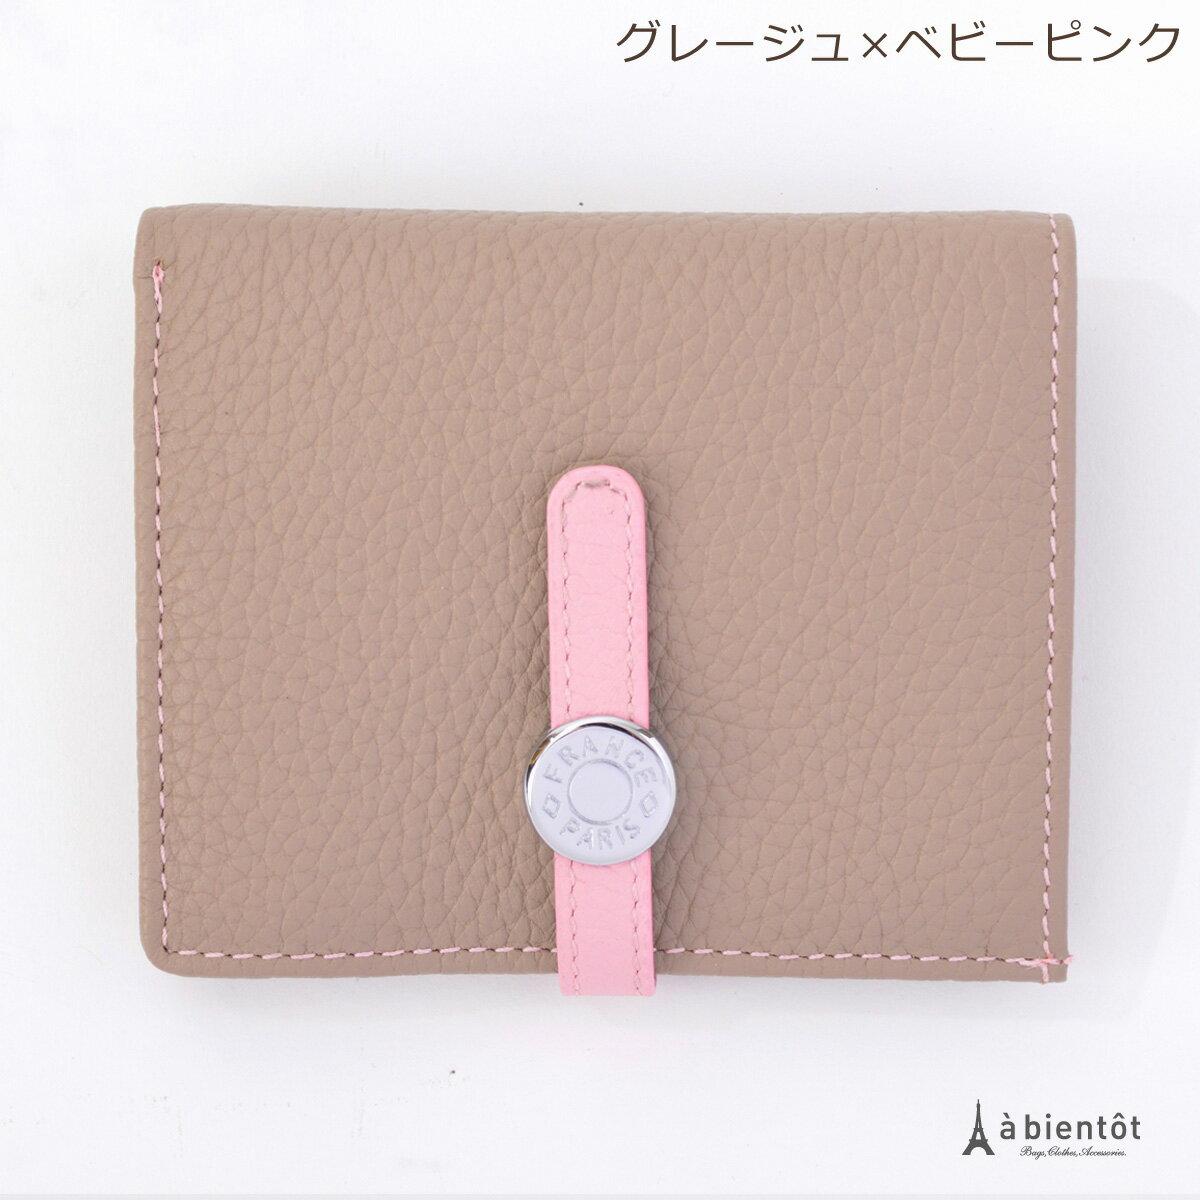 訳ありOutlet!シュリンクレザー 二つ折り財布【メール便OK】グレージュ×ベビーピンク